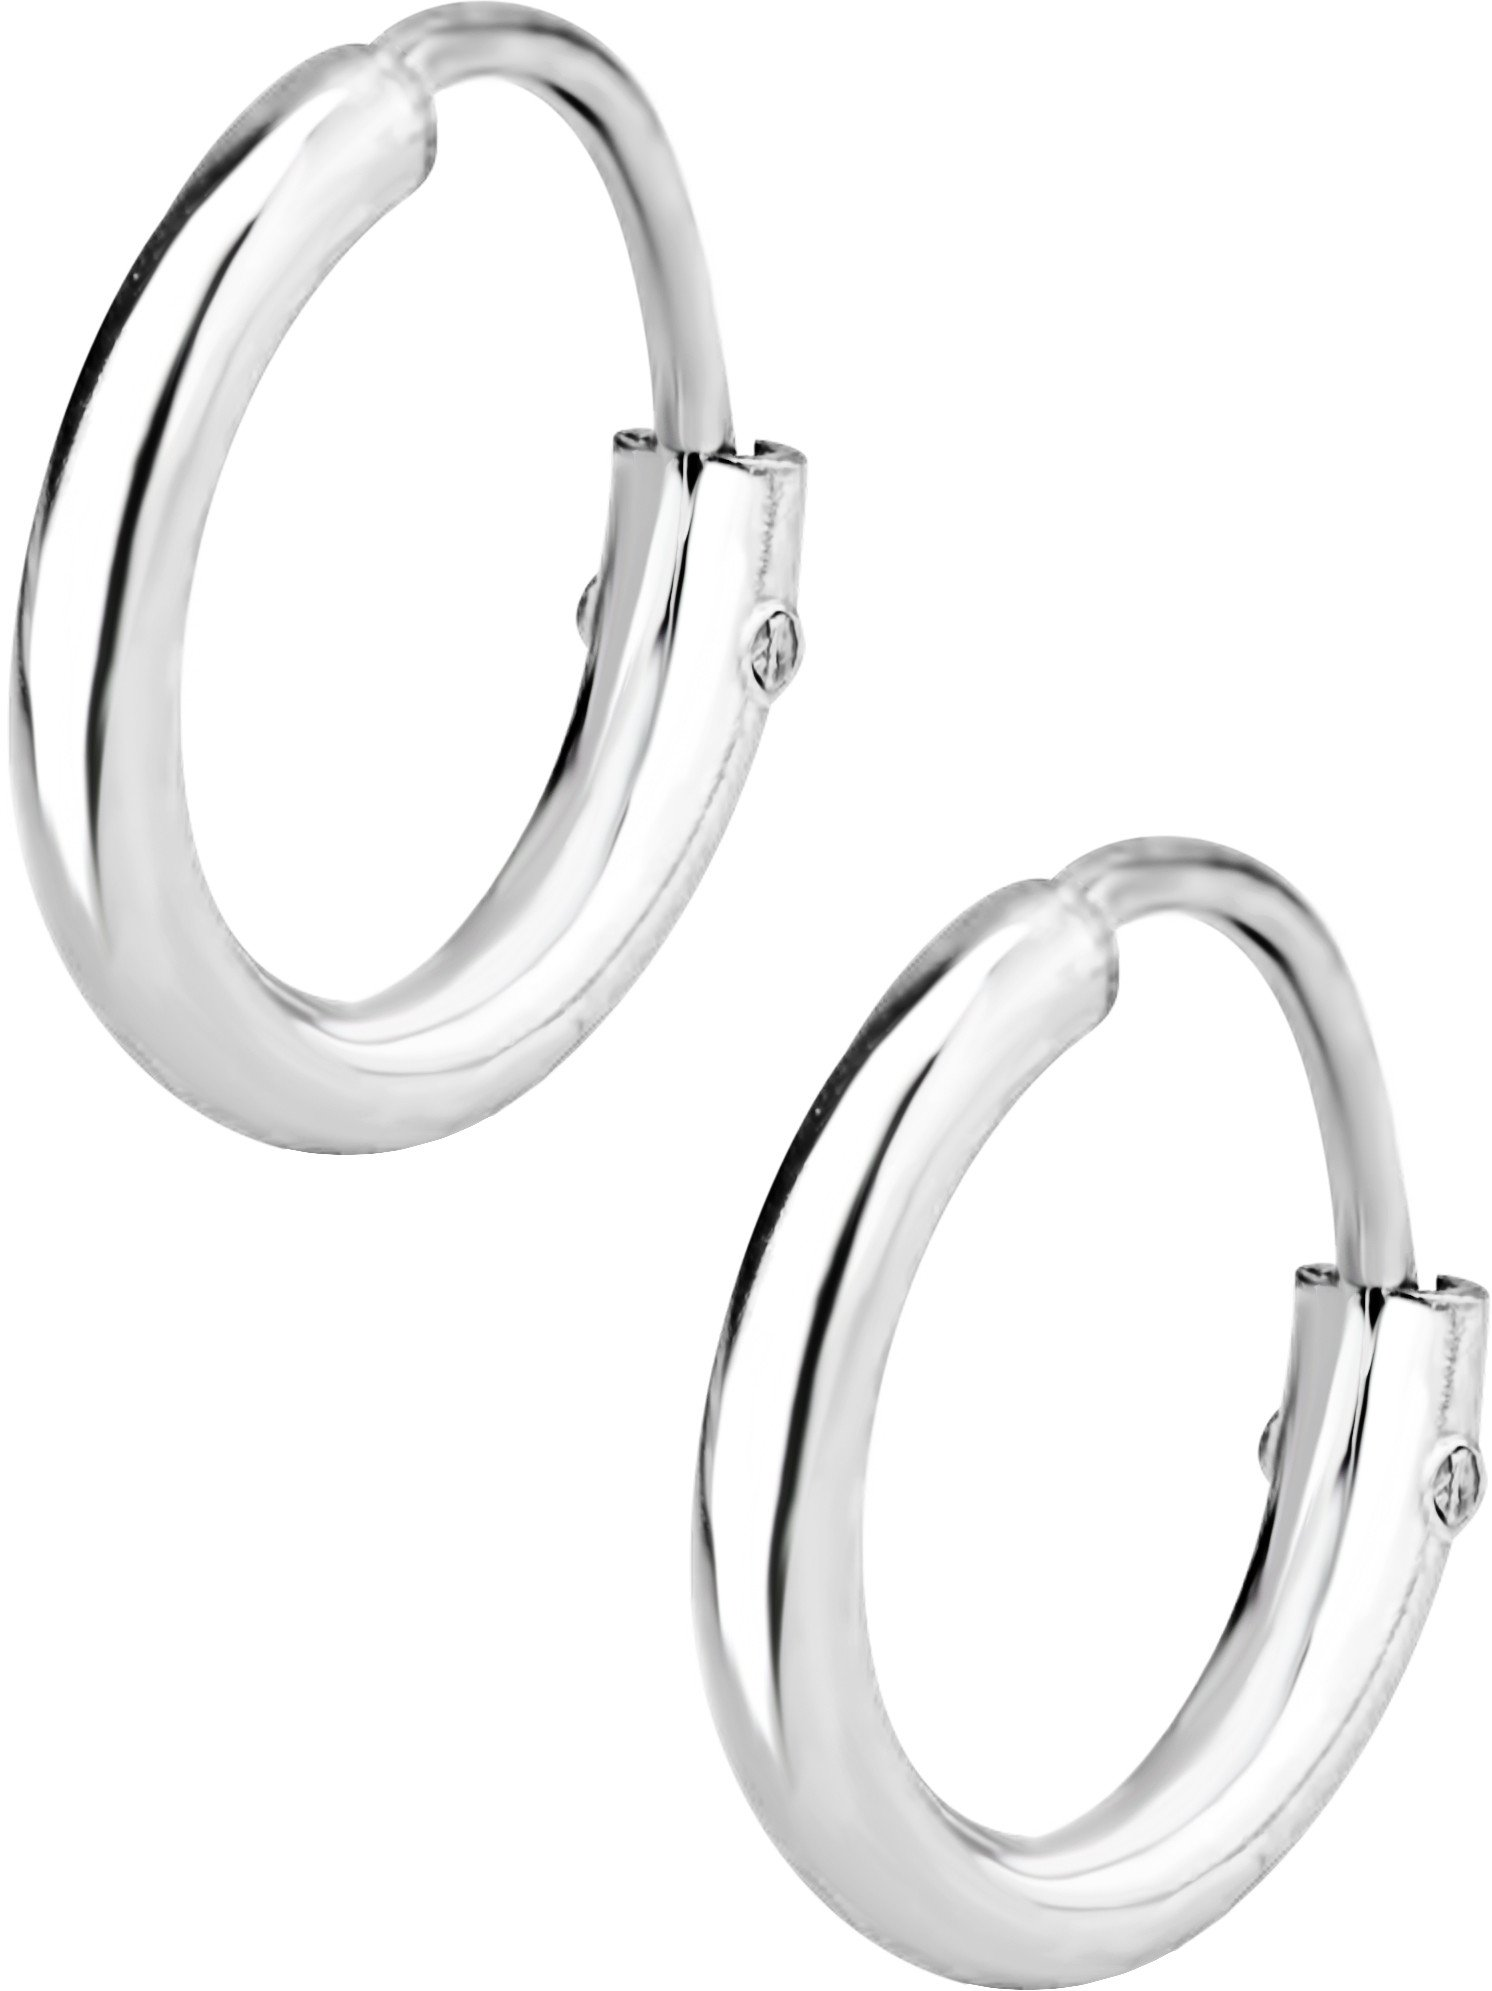 8Mm 3 Row Glitter Lightz Earrings Hoop Earrings